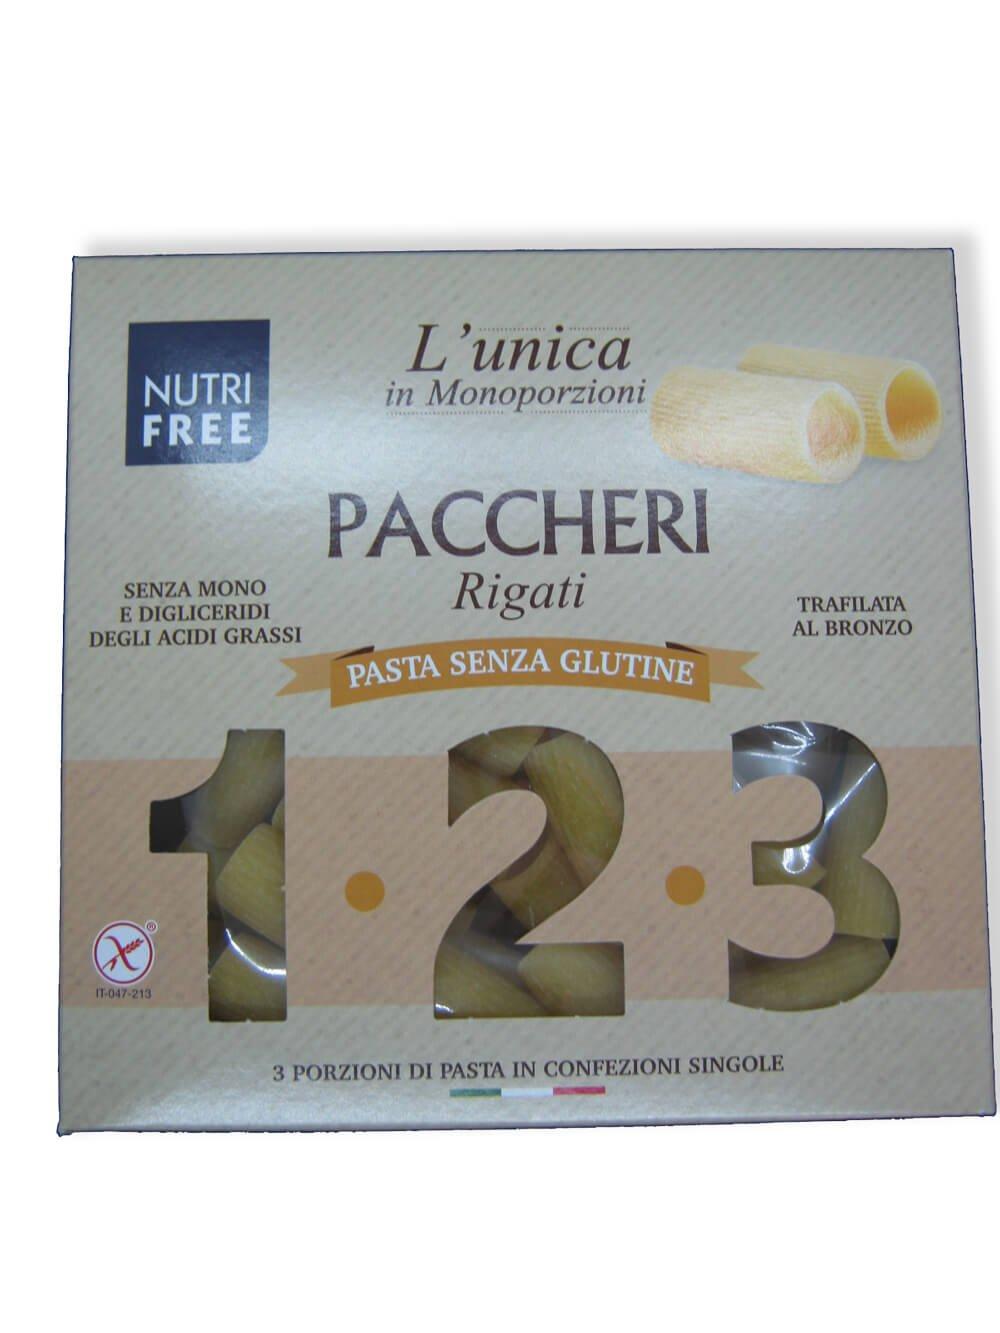 immagine paccheri Nutrifree